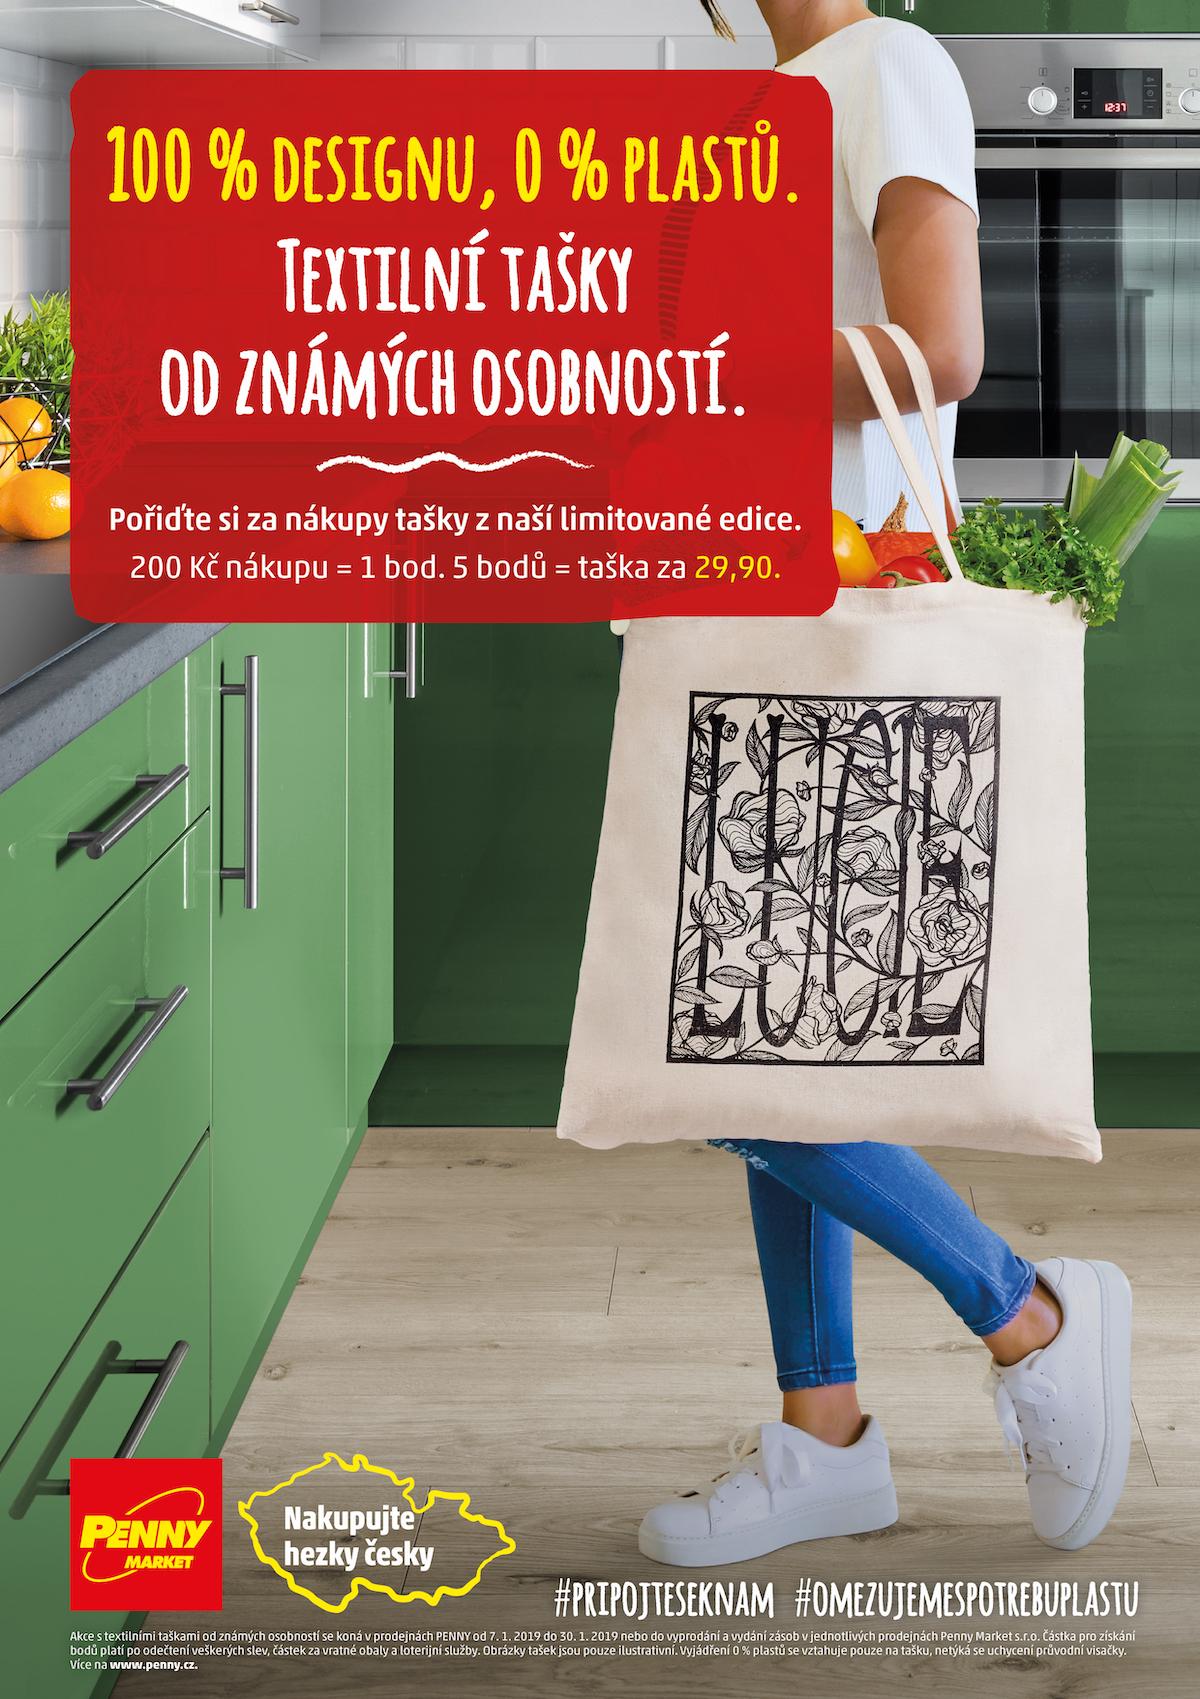 Kampaň ke konci plastových tašek v Penny Marketu